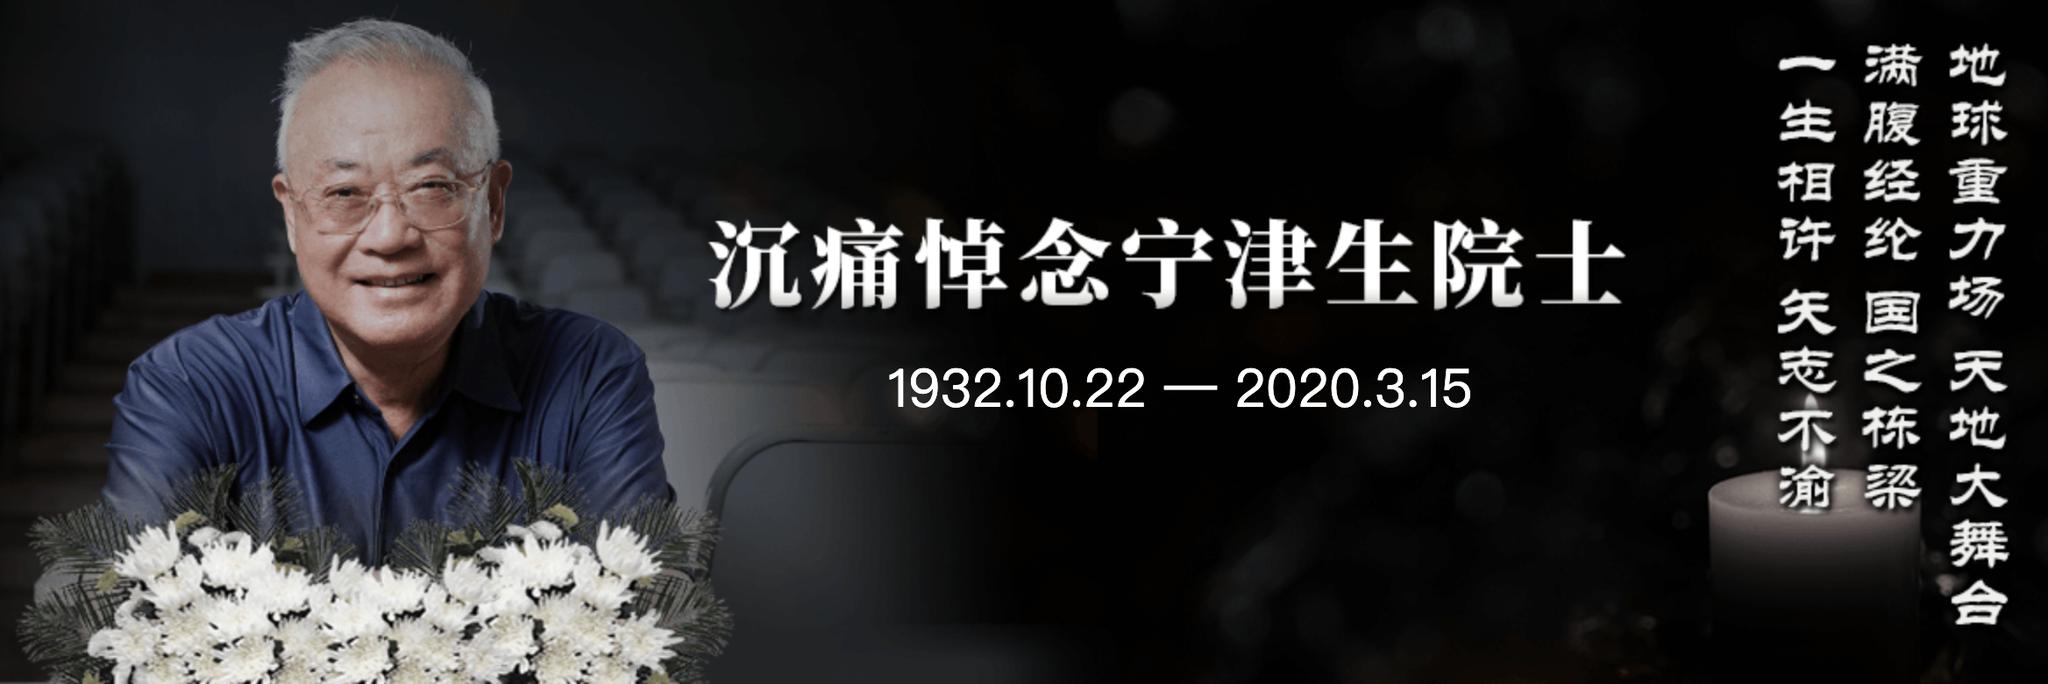 """测绘界悼念""""老大哥""""宁津生院士,学生们翻出他签名的旧课本图片"""